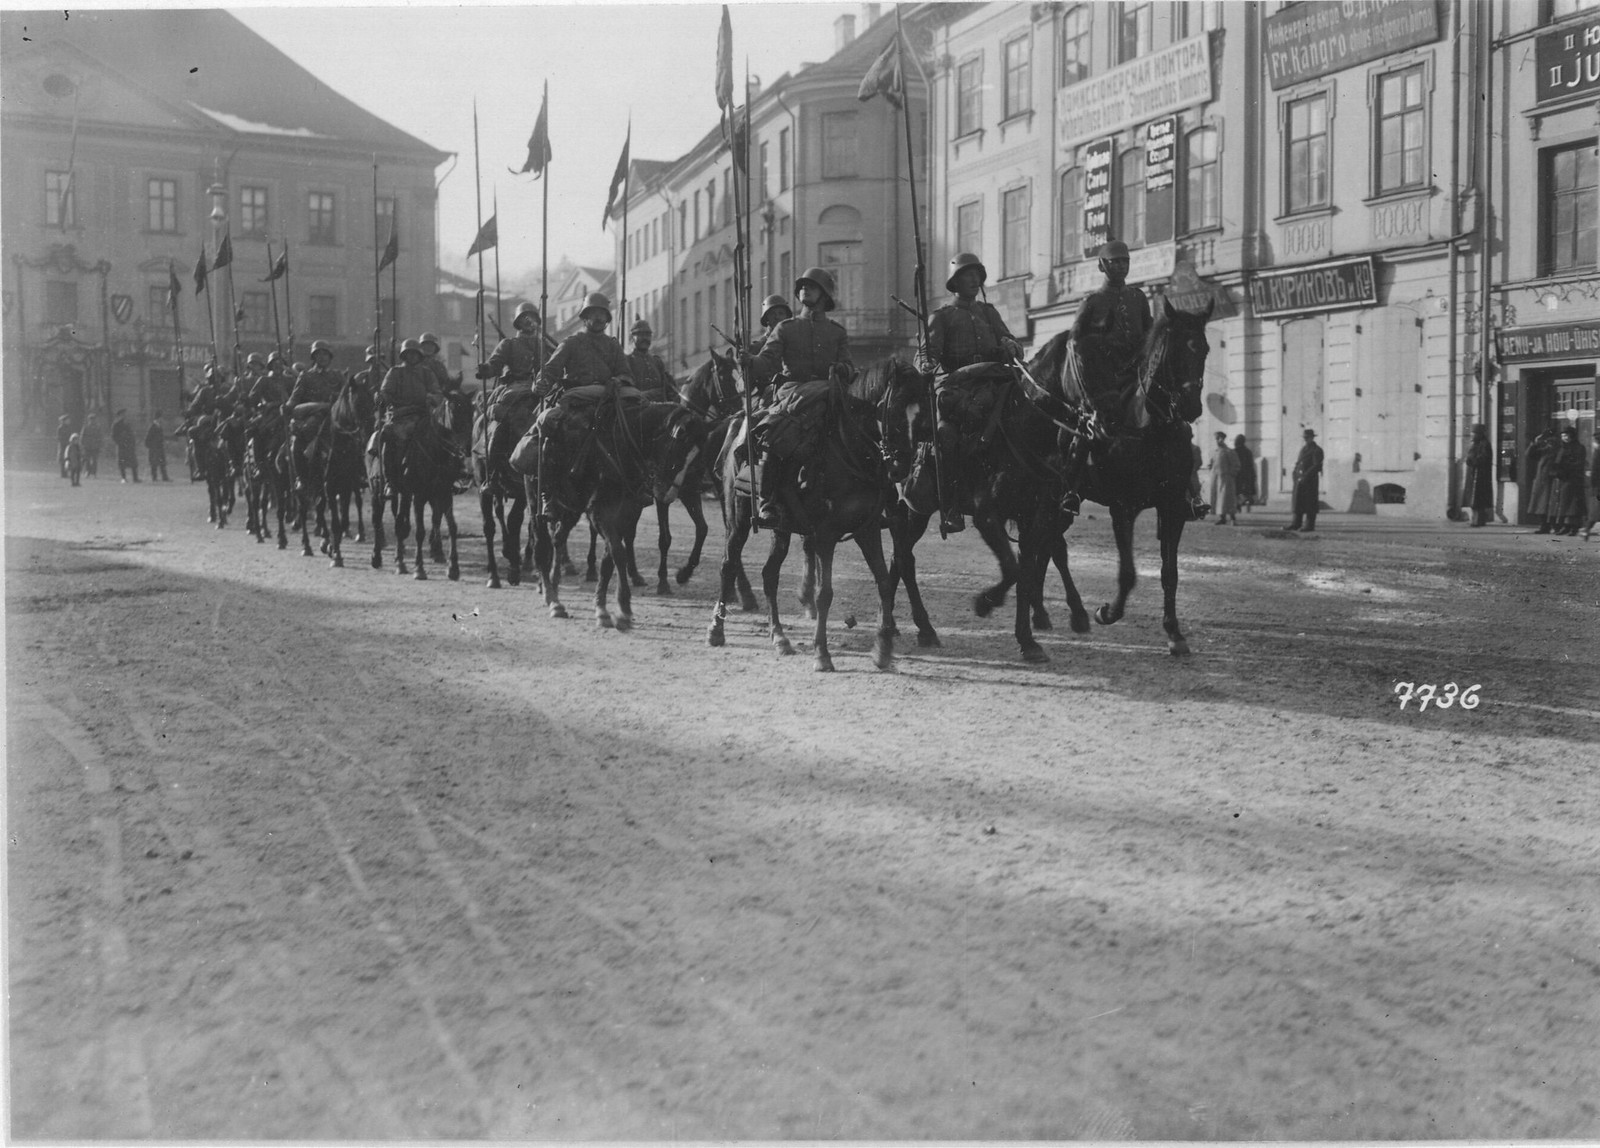 05. Немецкая кавалерия проезжает через Нарву. 28 марта